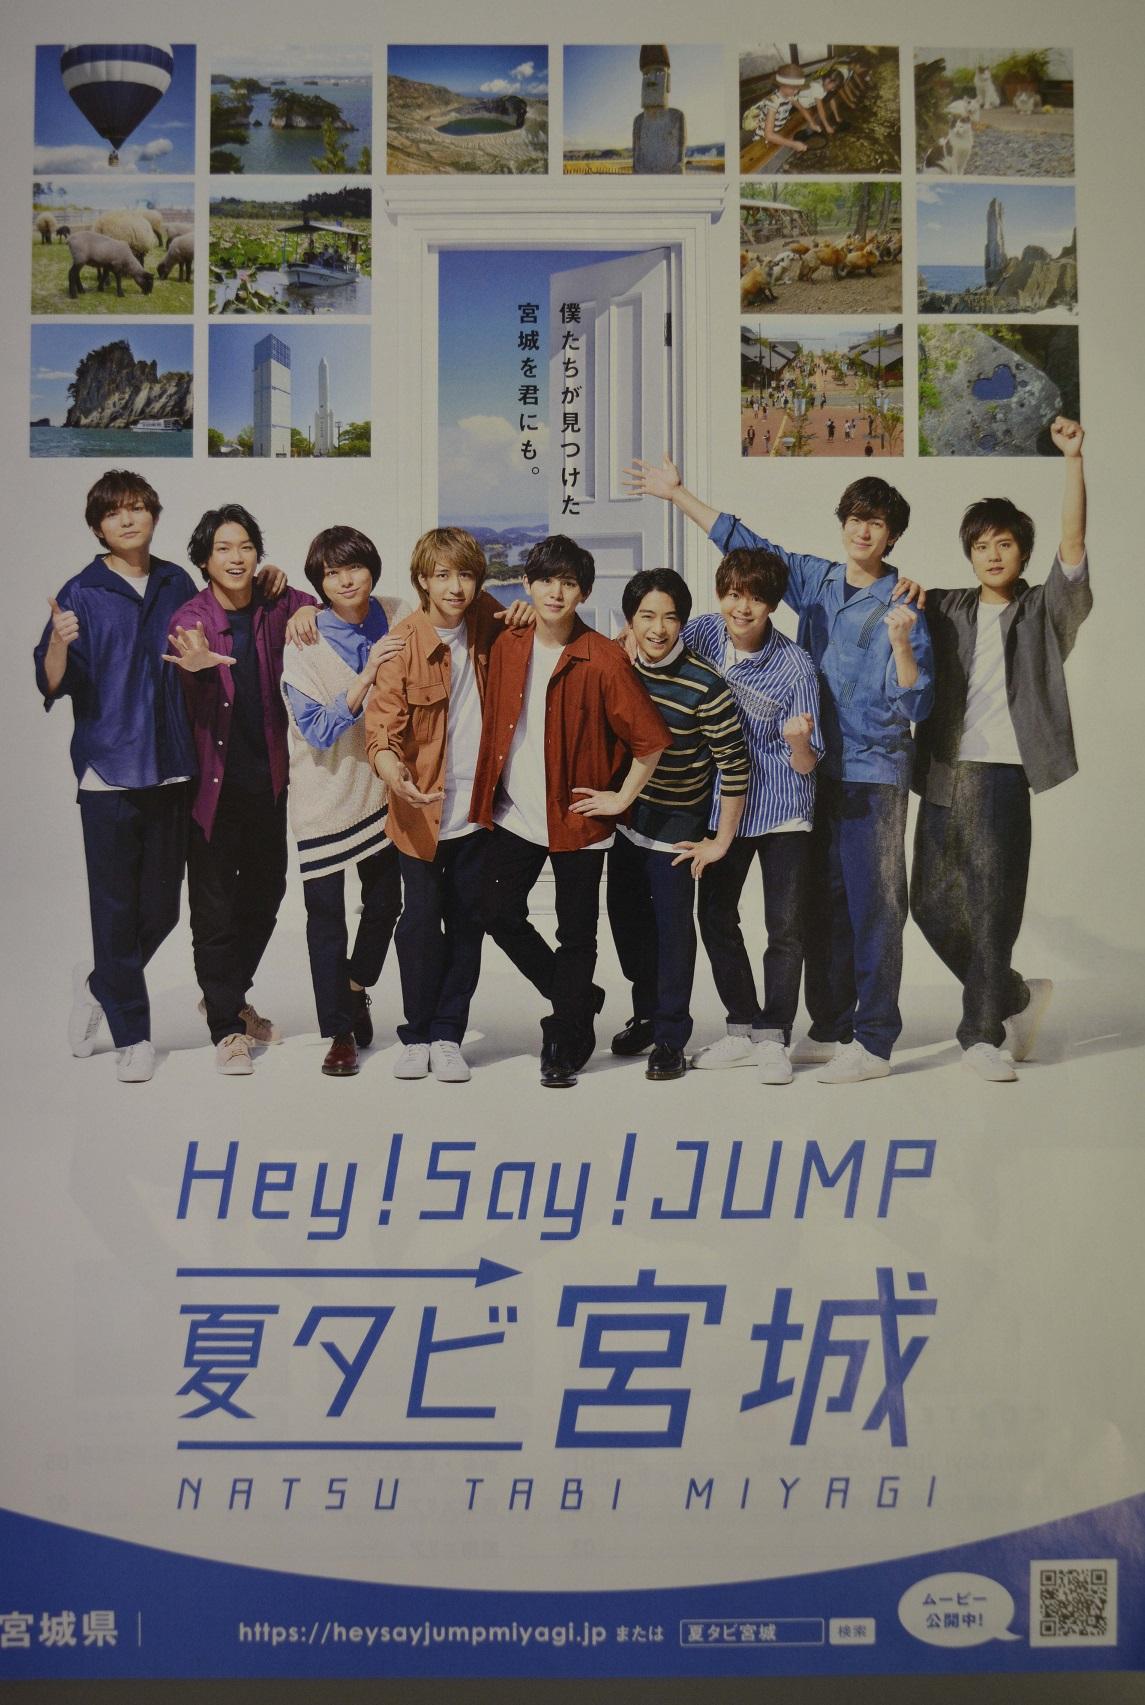 宮城ご案内 県の観光PRキャンペーン始まる /宮城県   写真説明 Hey!Say!JUMPが登場する